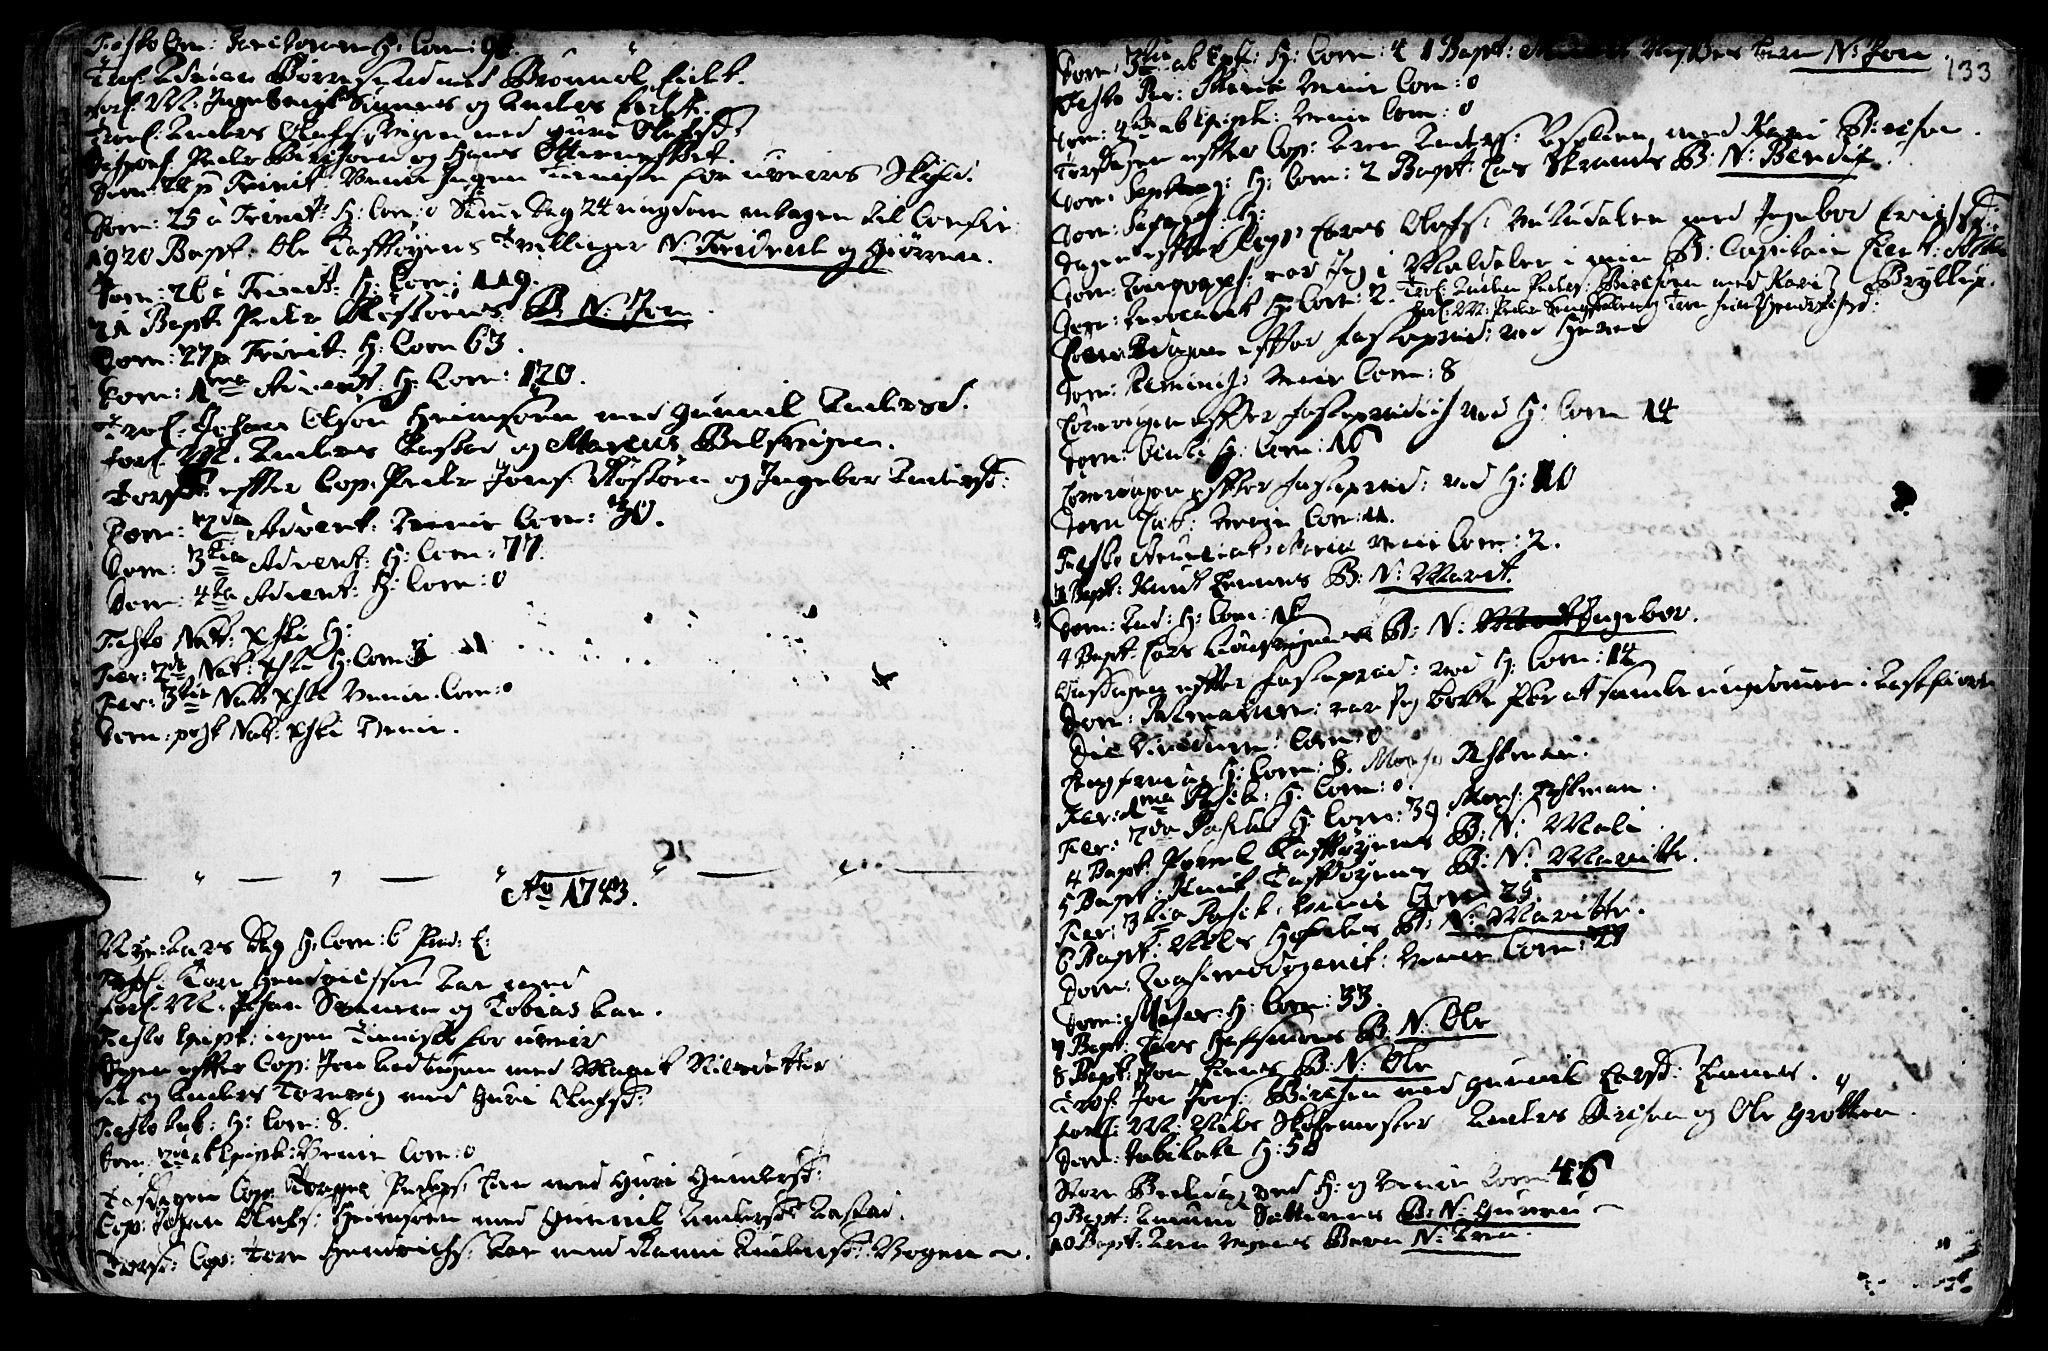 SAT, Ministerialprotokoller, klokkerbøker og fødselsregistre - Sør-Trøndelag, 630/L0488: Ministerialbok nr. 630A01, 1717-1756, s. 132-133